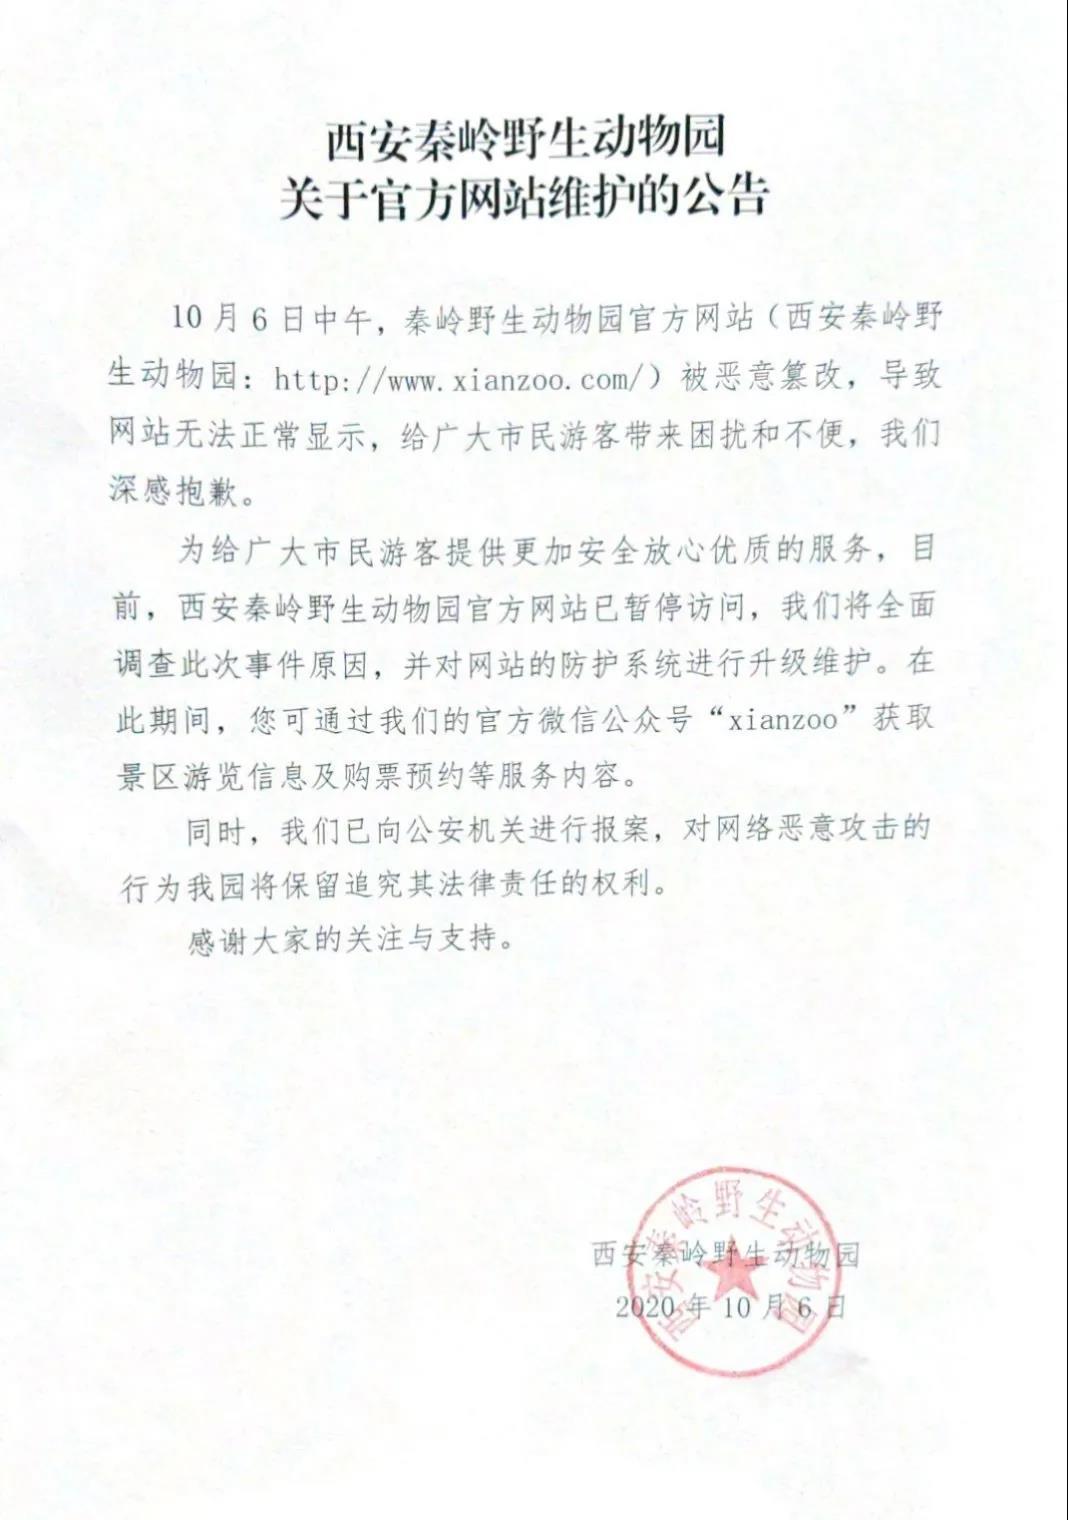 华美平台涉黄网站西安秦岭野生动物园华美平台图片